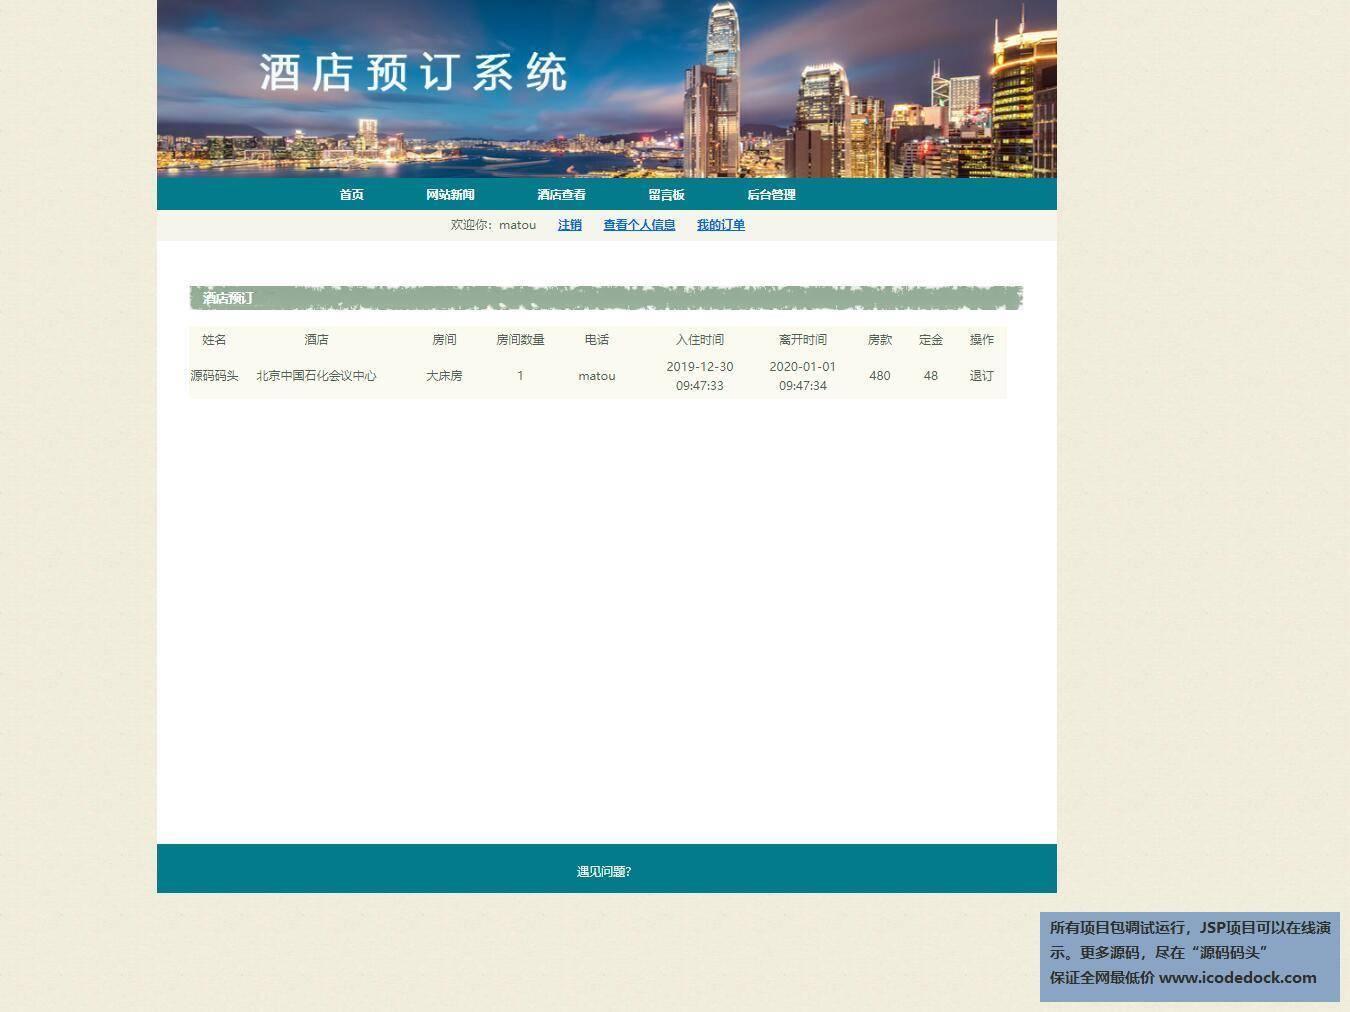 源码码头-JSP酒店预定管理系统-用户角色-查看订单